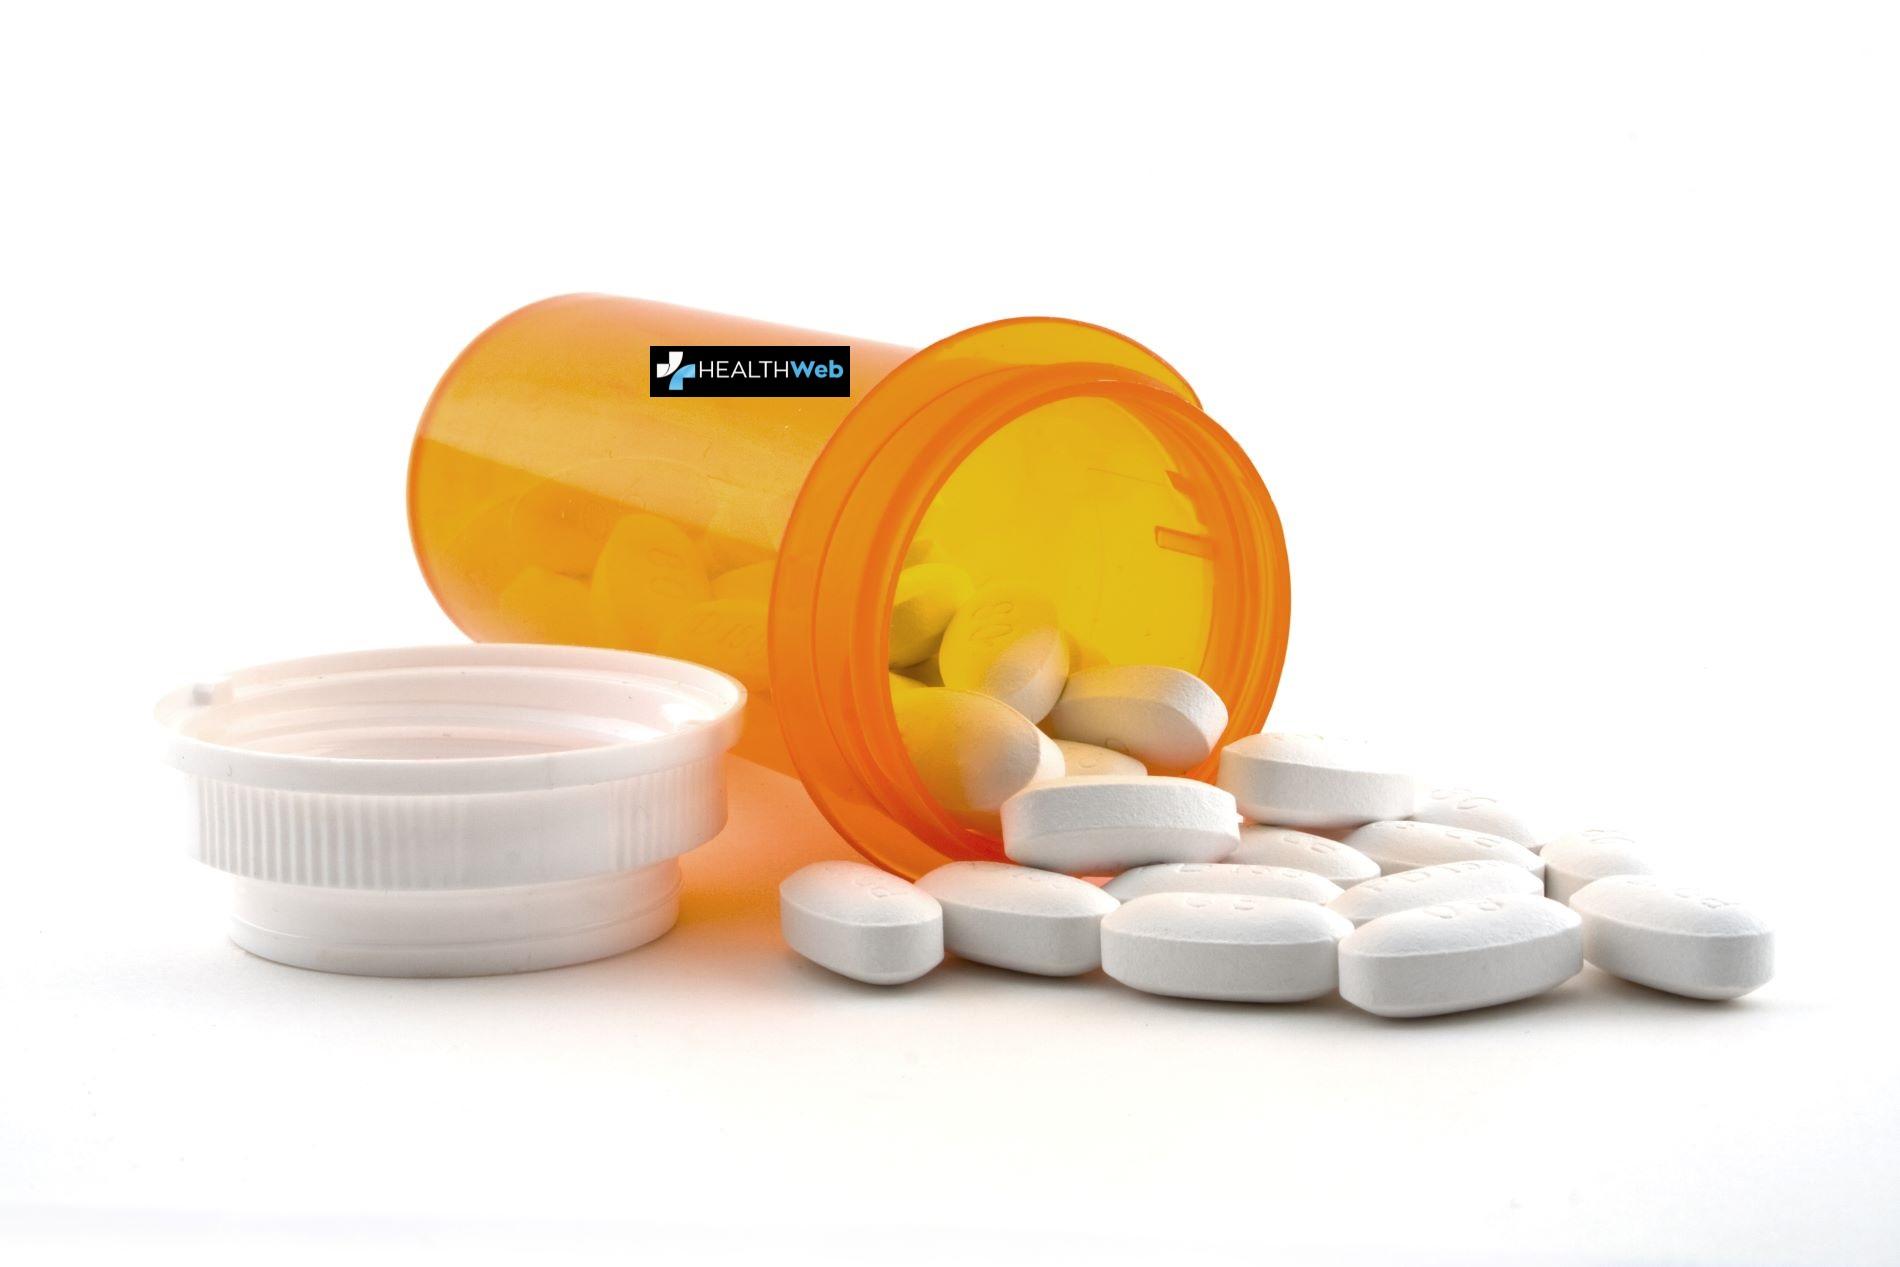 More prescription ranitidine recalled from shelves